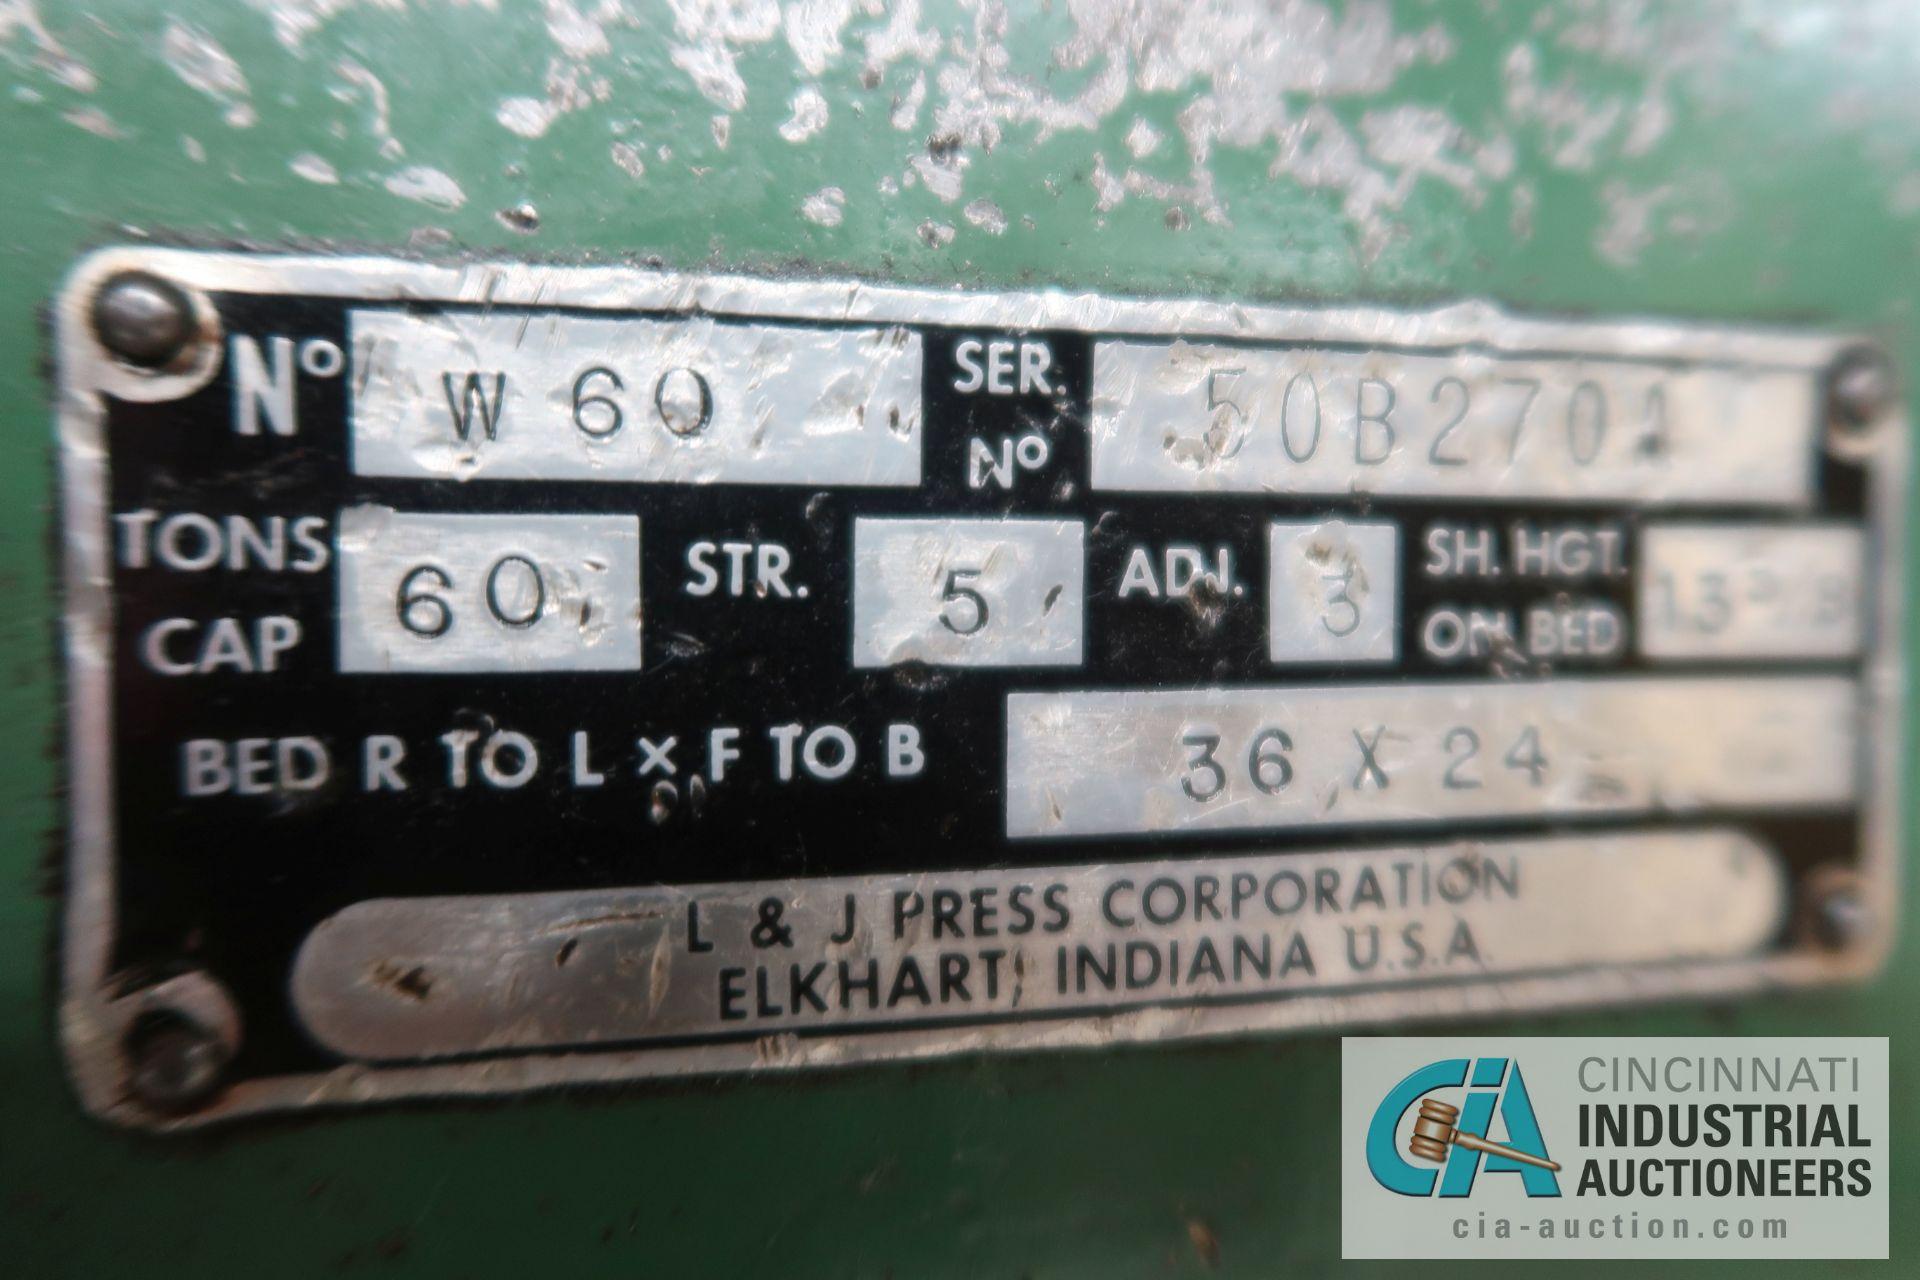 """60 TON L&J MODEL W-60 FLYWHEEL TYPE OBI PRESS; S/N 50B270A, 5"""" STROKE, 3"""" ADJUST, 36"""" X 24"""" RIGHT TO - Image 8 of 8"""